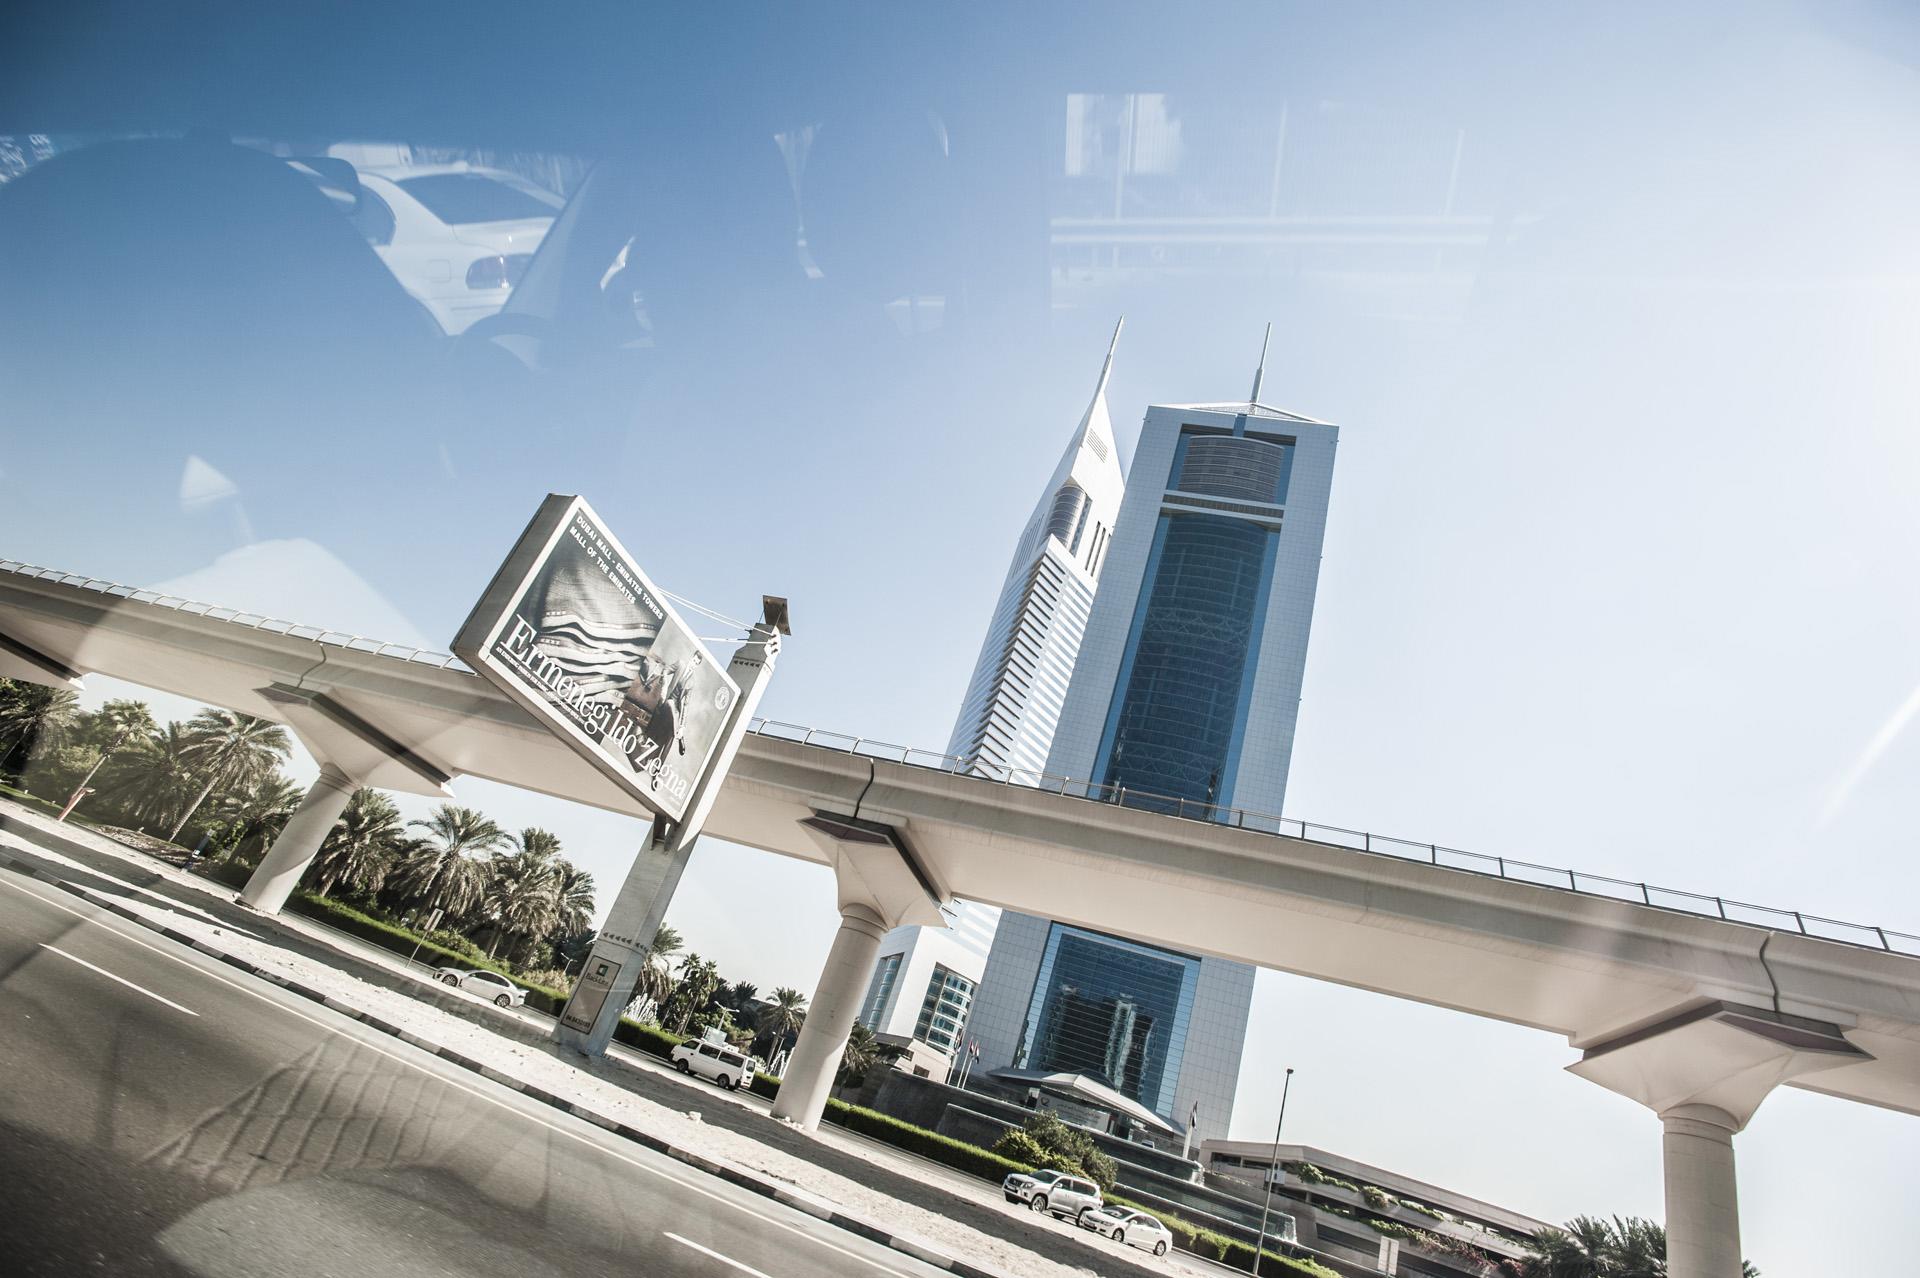 DSC0224 - Dubai